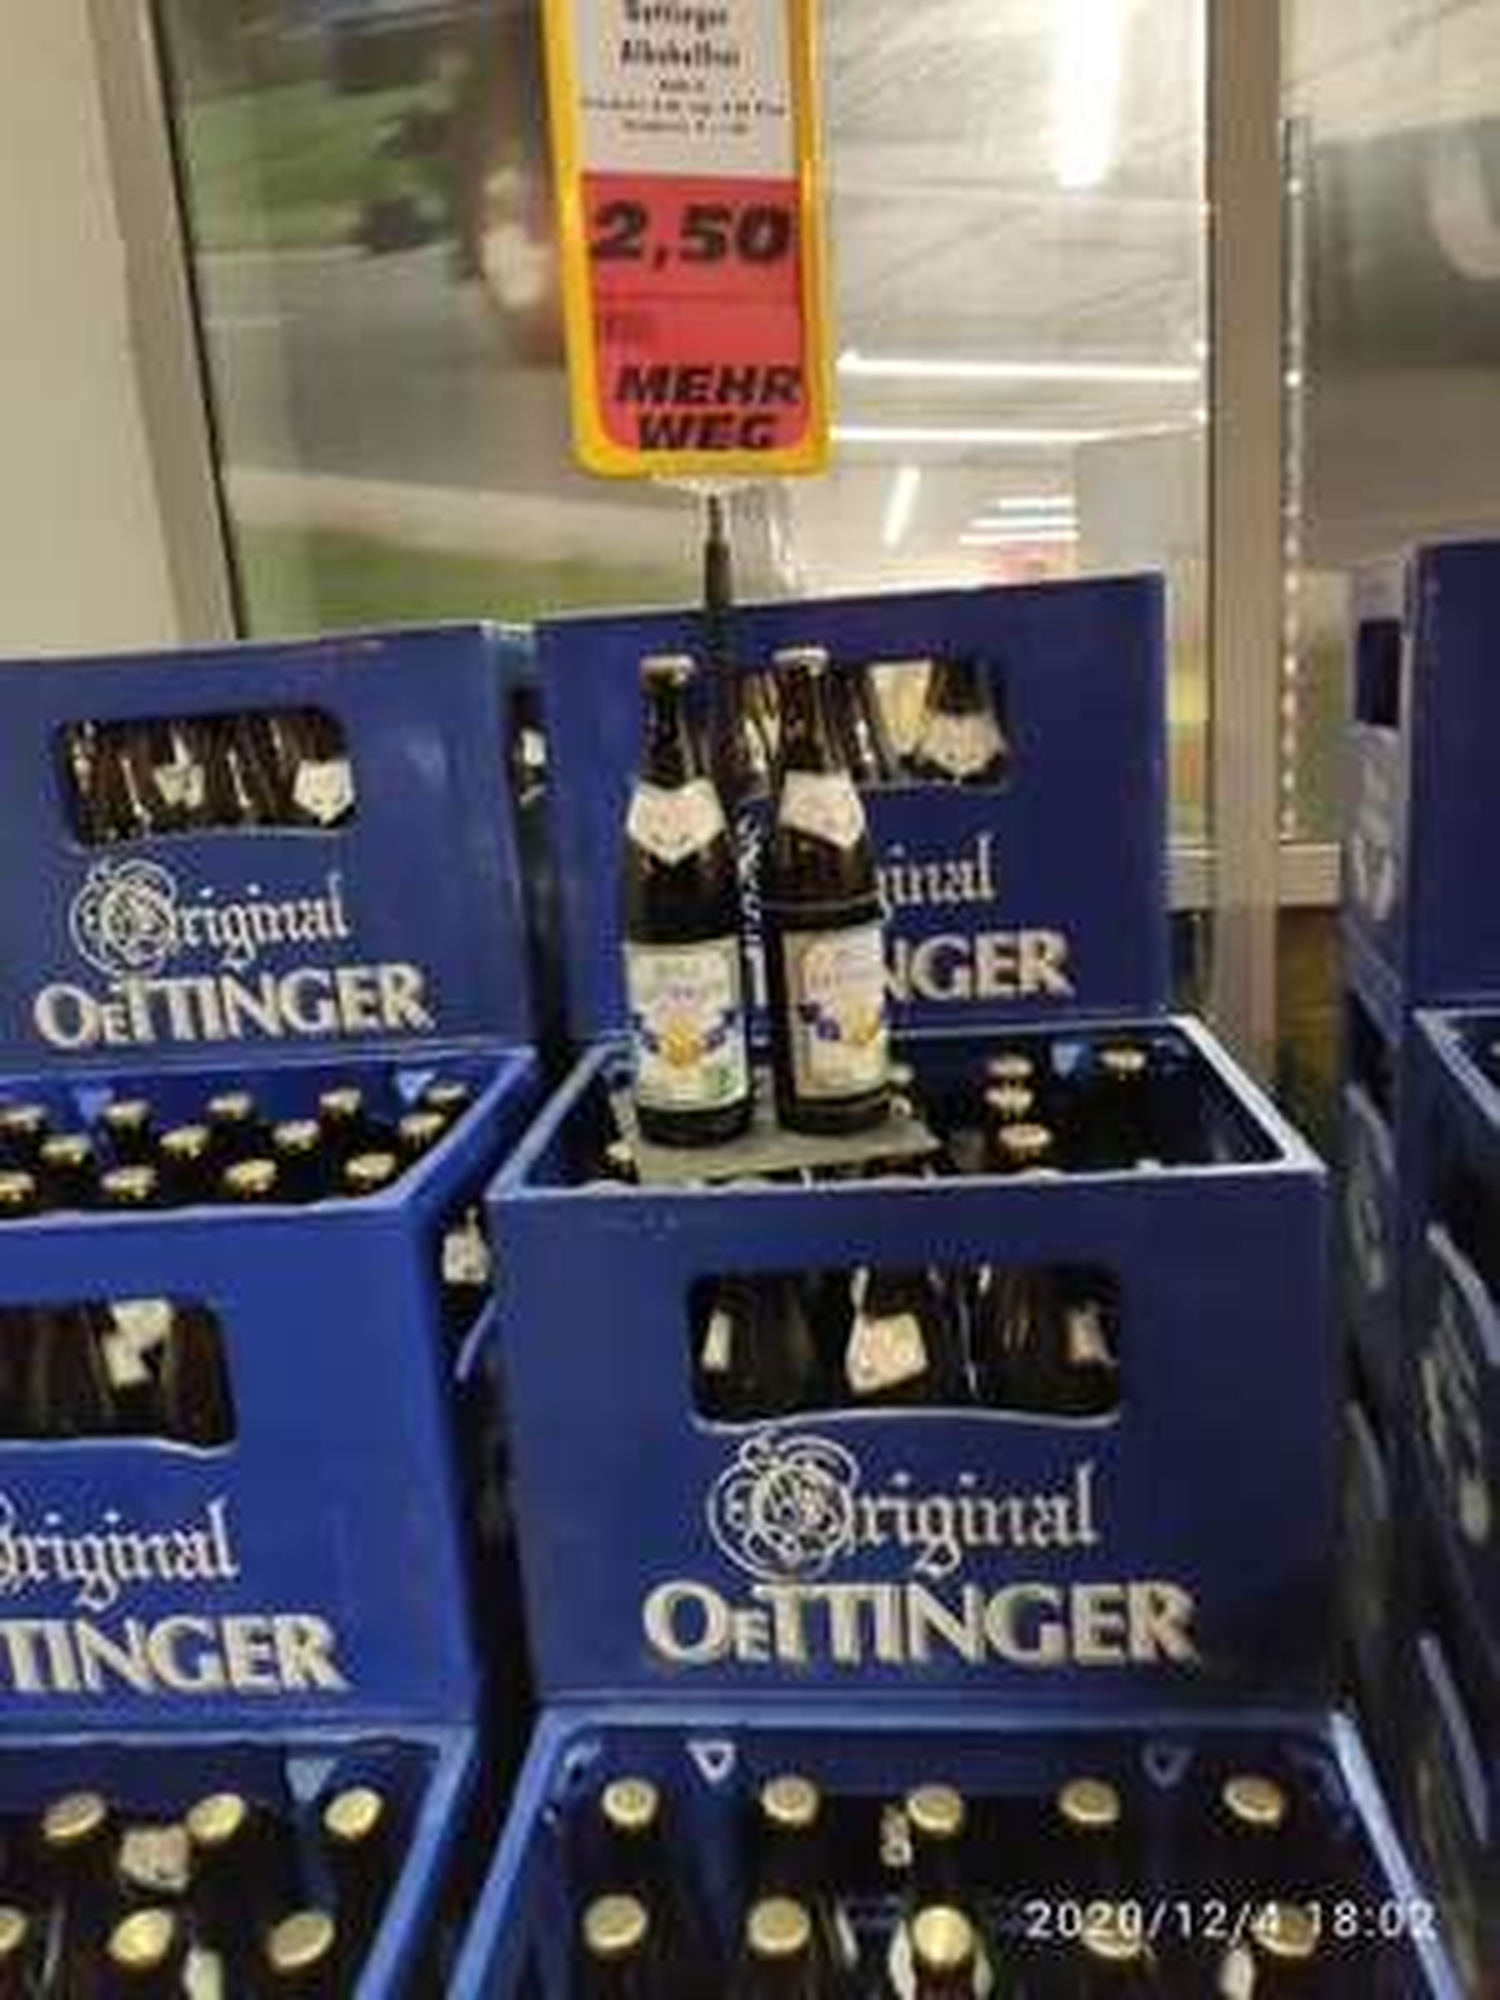 Lokal (Essen, NRW): Kasten Oettinger alkoholfrei für 2,50€ bei Trinkgut